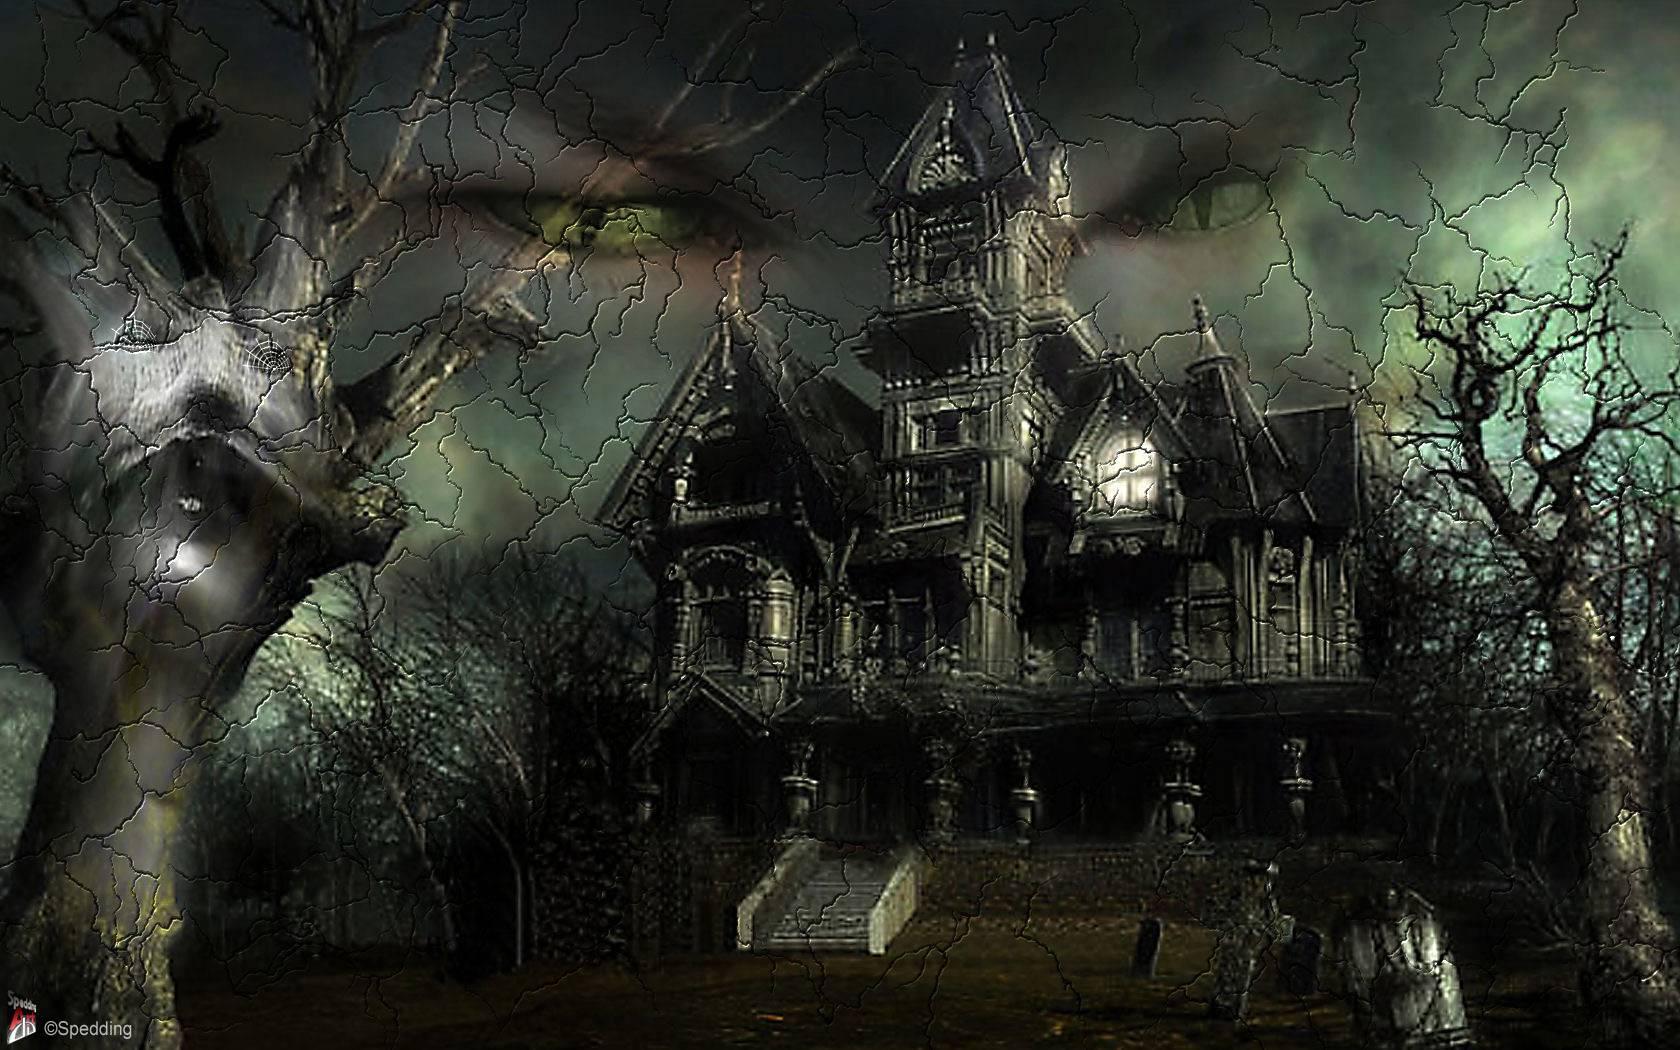 wallpapers for halloween desktop wallpaper hd - Desktop Wallpaper Halloween